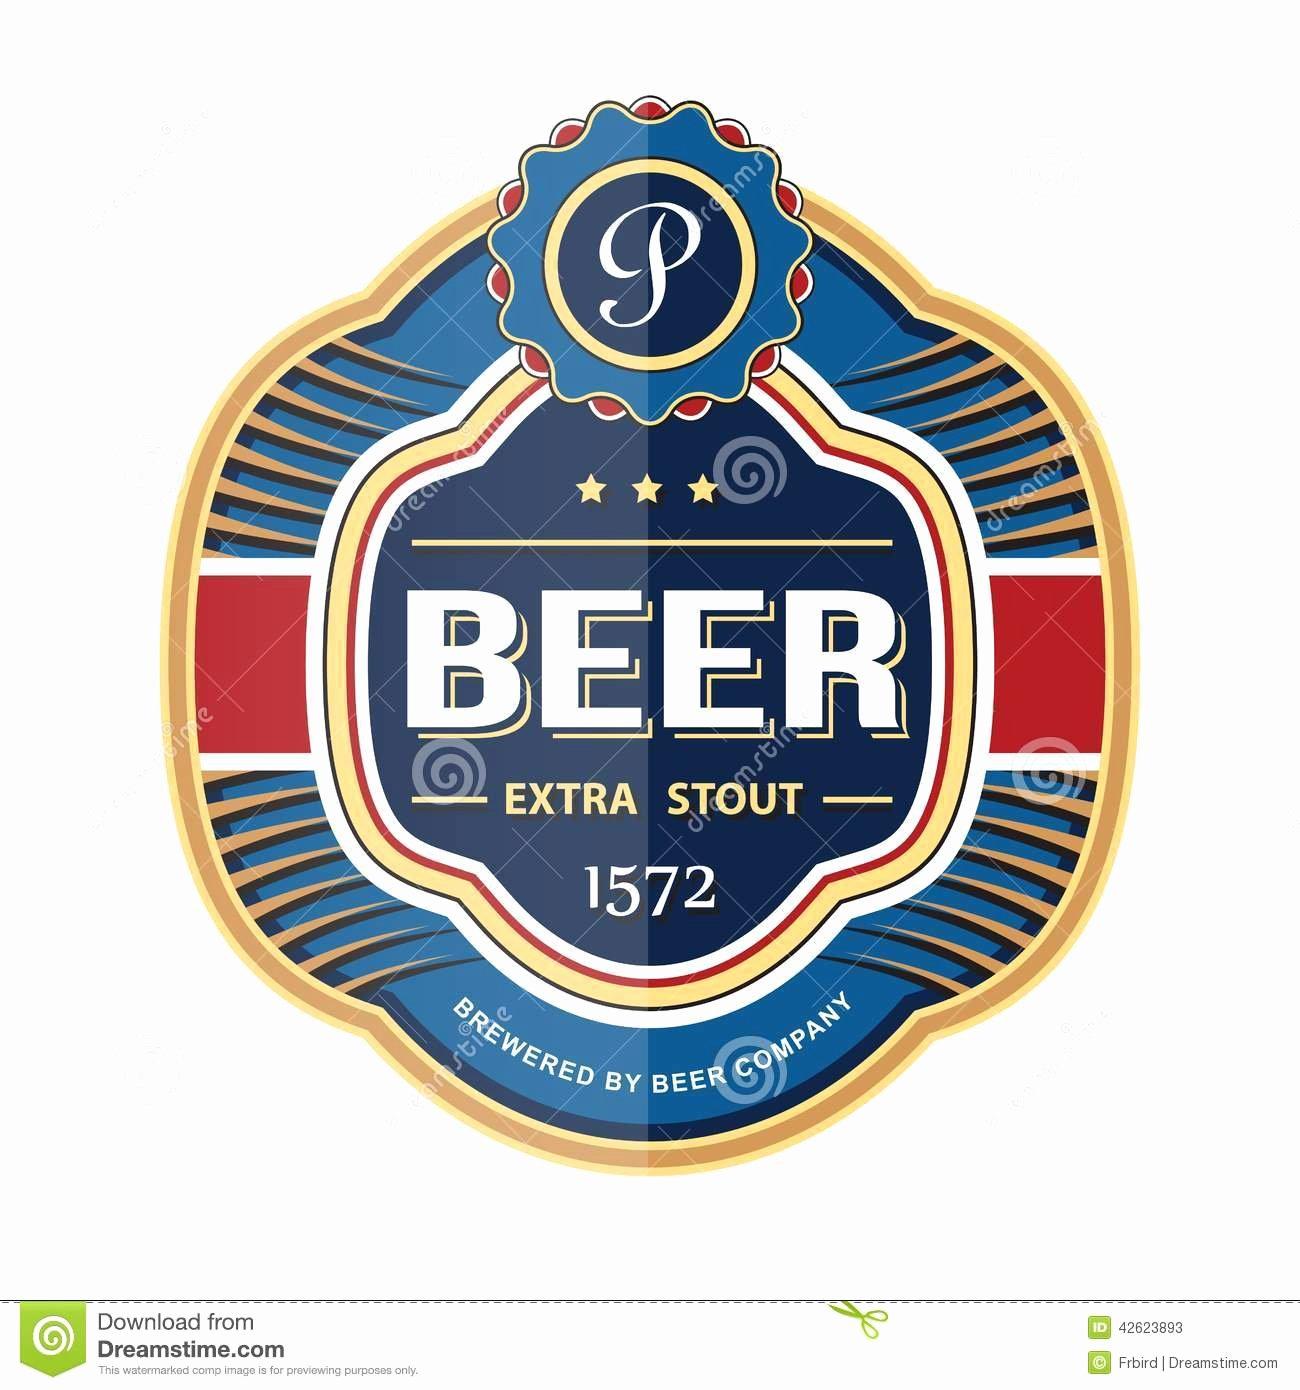 Beer Label Template Word Elegant Green Beer Bottle Label Template Stock Vector Image